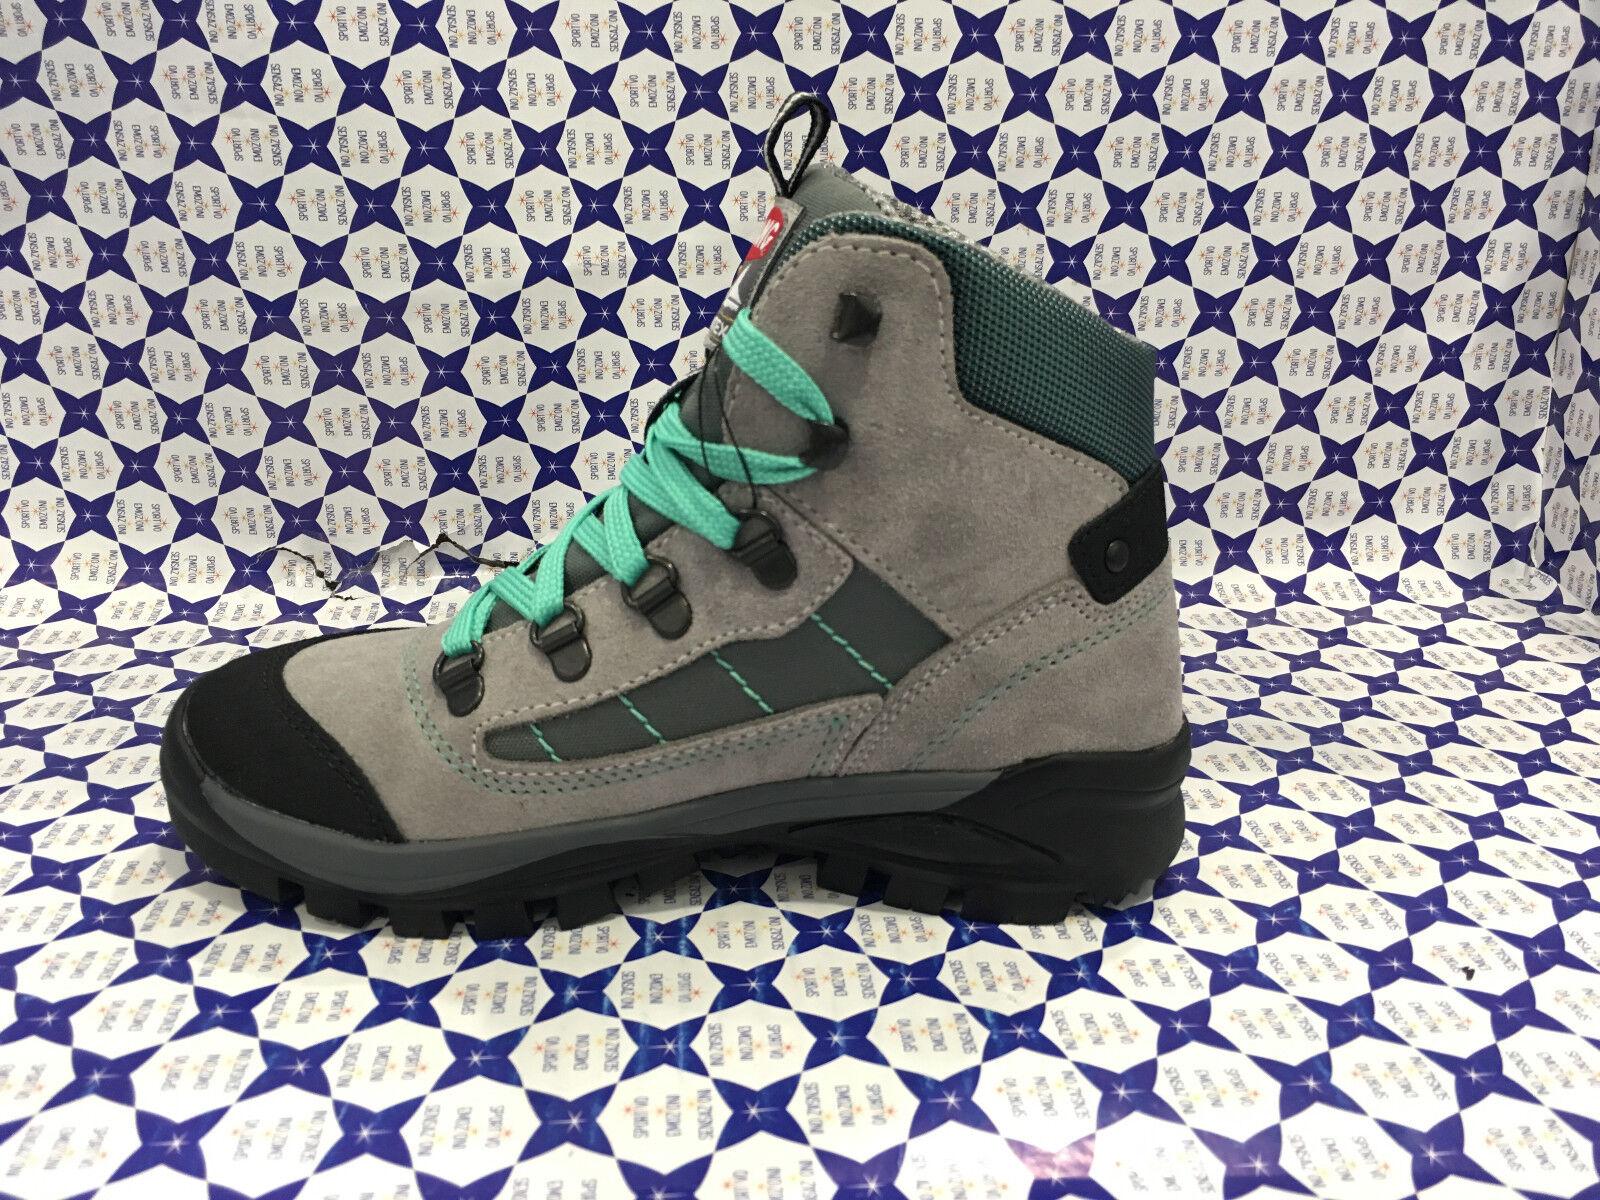 Zapatos Trekking Olang Junior Infantil - - - Tarvisio Tex - gris verde - TARVIKID509 5616cc